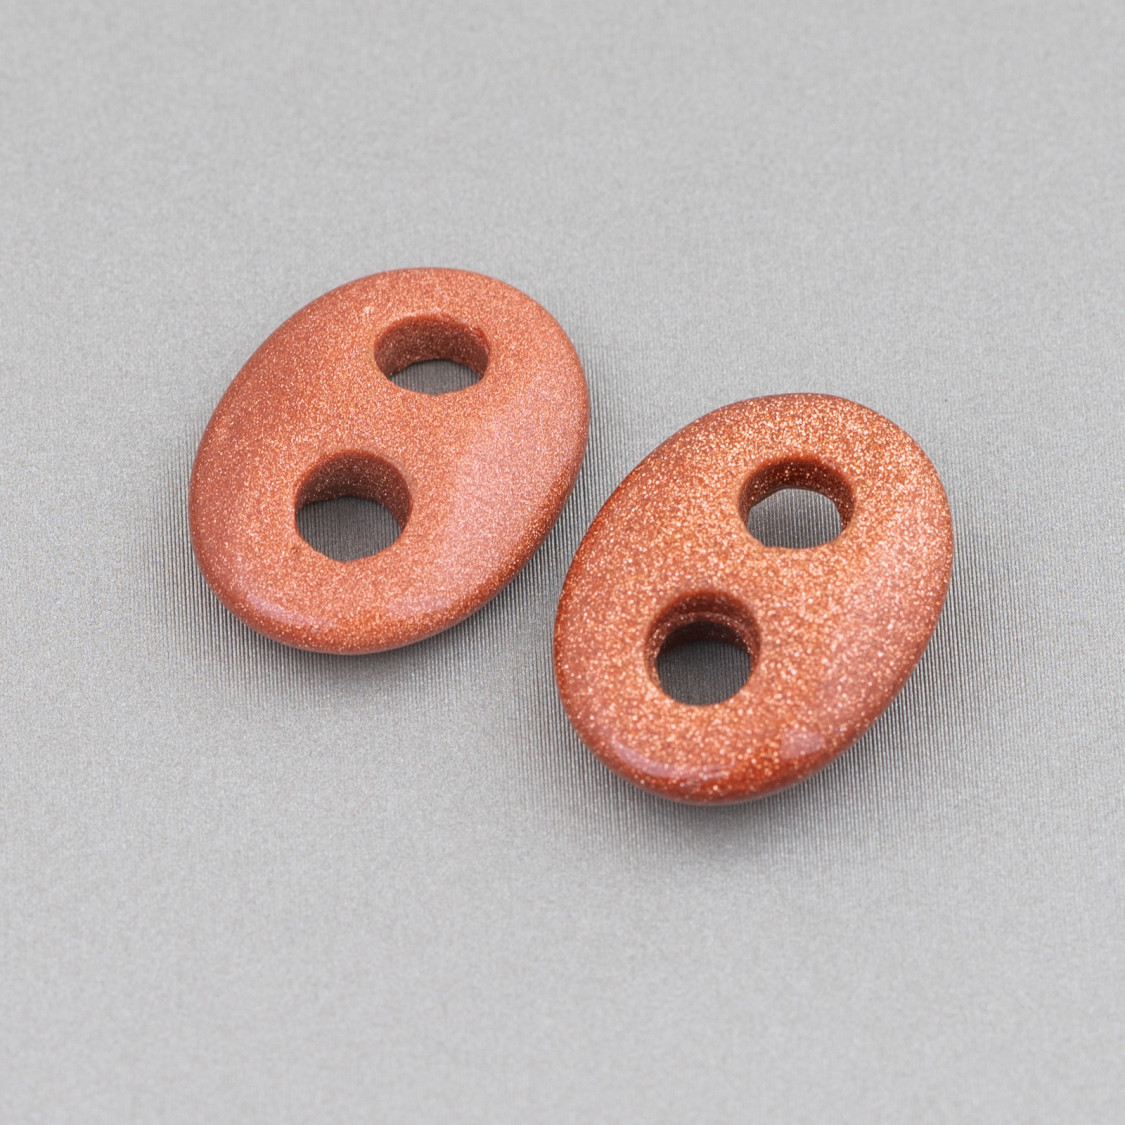 Bracciale di Metallo Rodiato Rigido Con Strass - Altezza 25mm